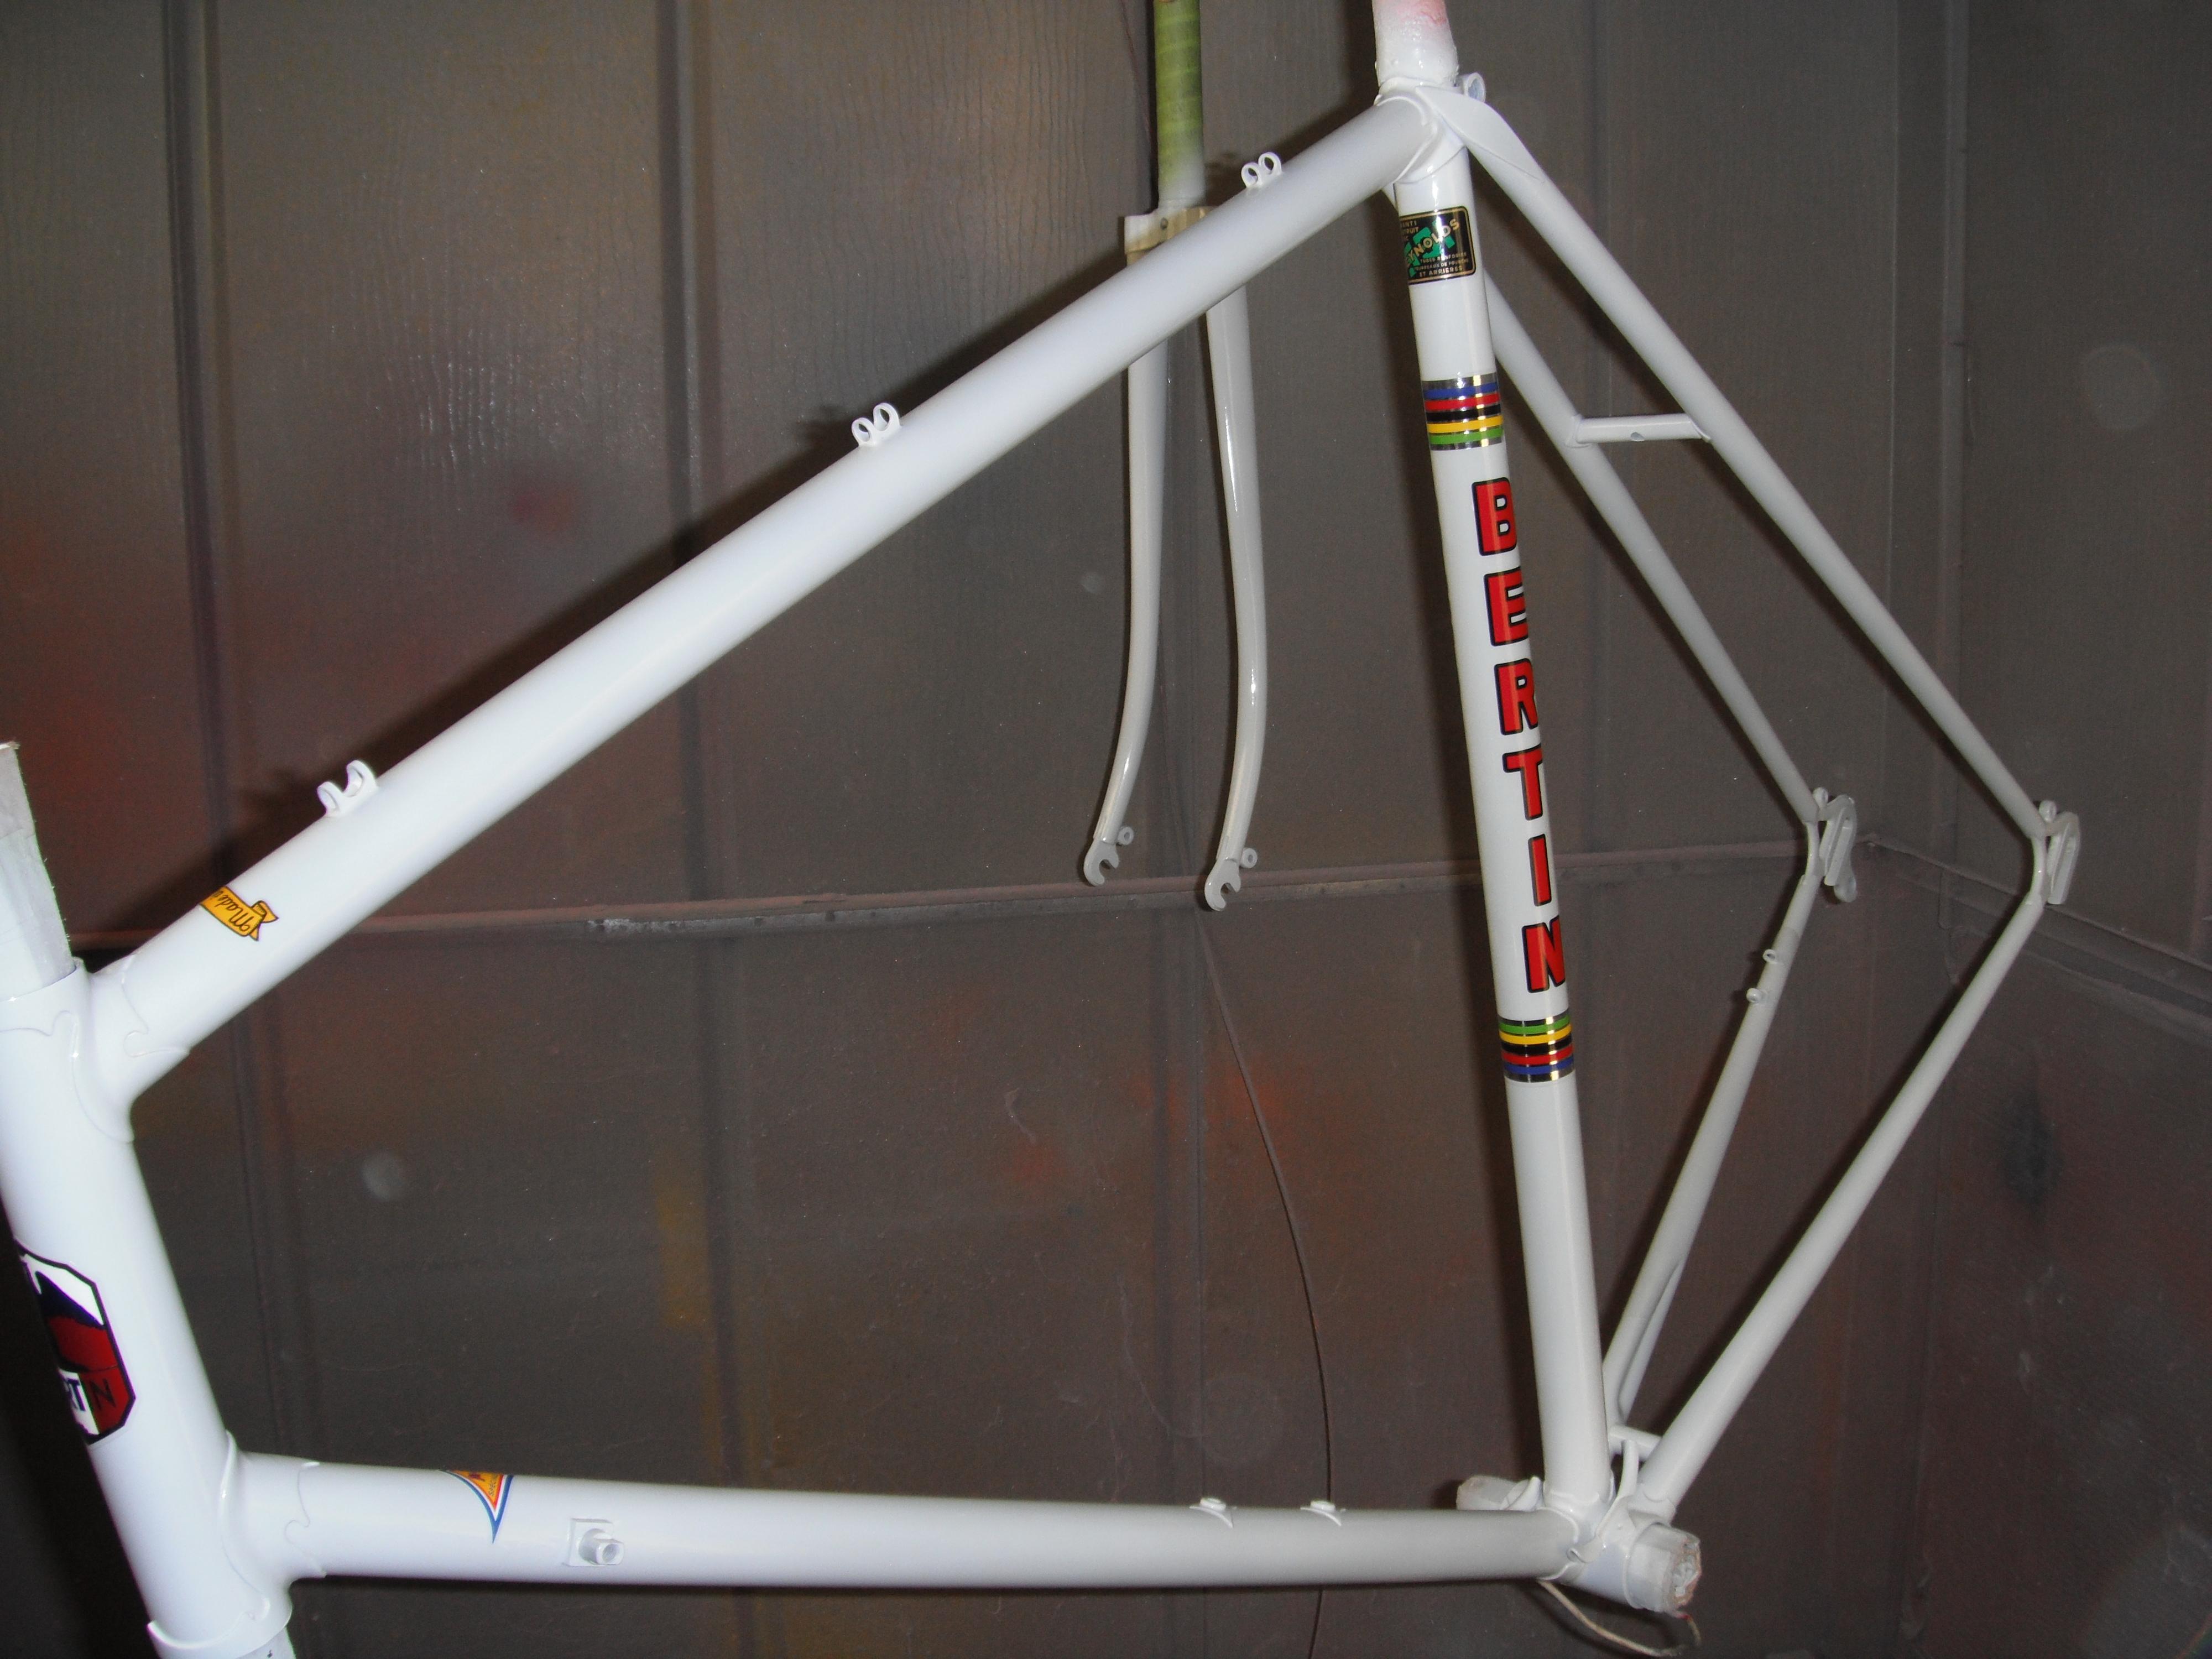 New Bicycle Rear deraillure hanger for JBC lightning carbon frame